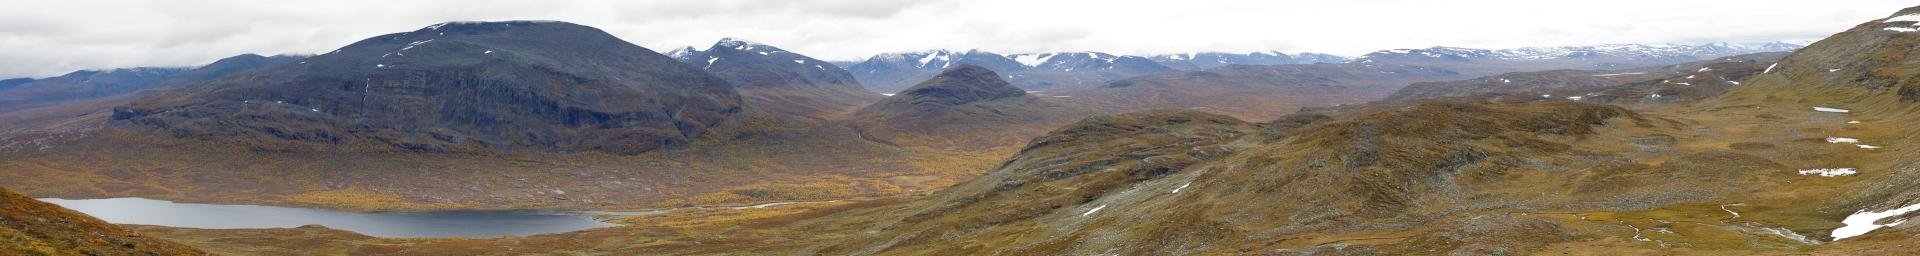 Ábeskojávri, Giron, Gárddenvárri/Gárddenvággi und davor das breite Tal, durch das wir von Unna Allakas nach Abiskojaure gegangen sind